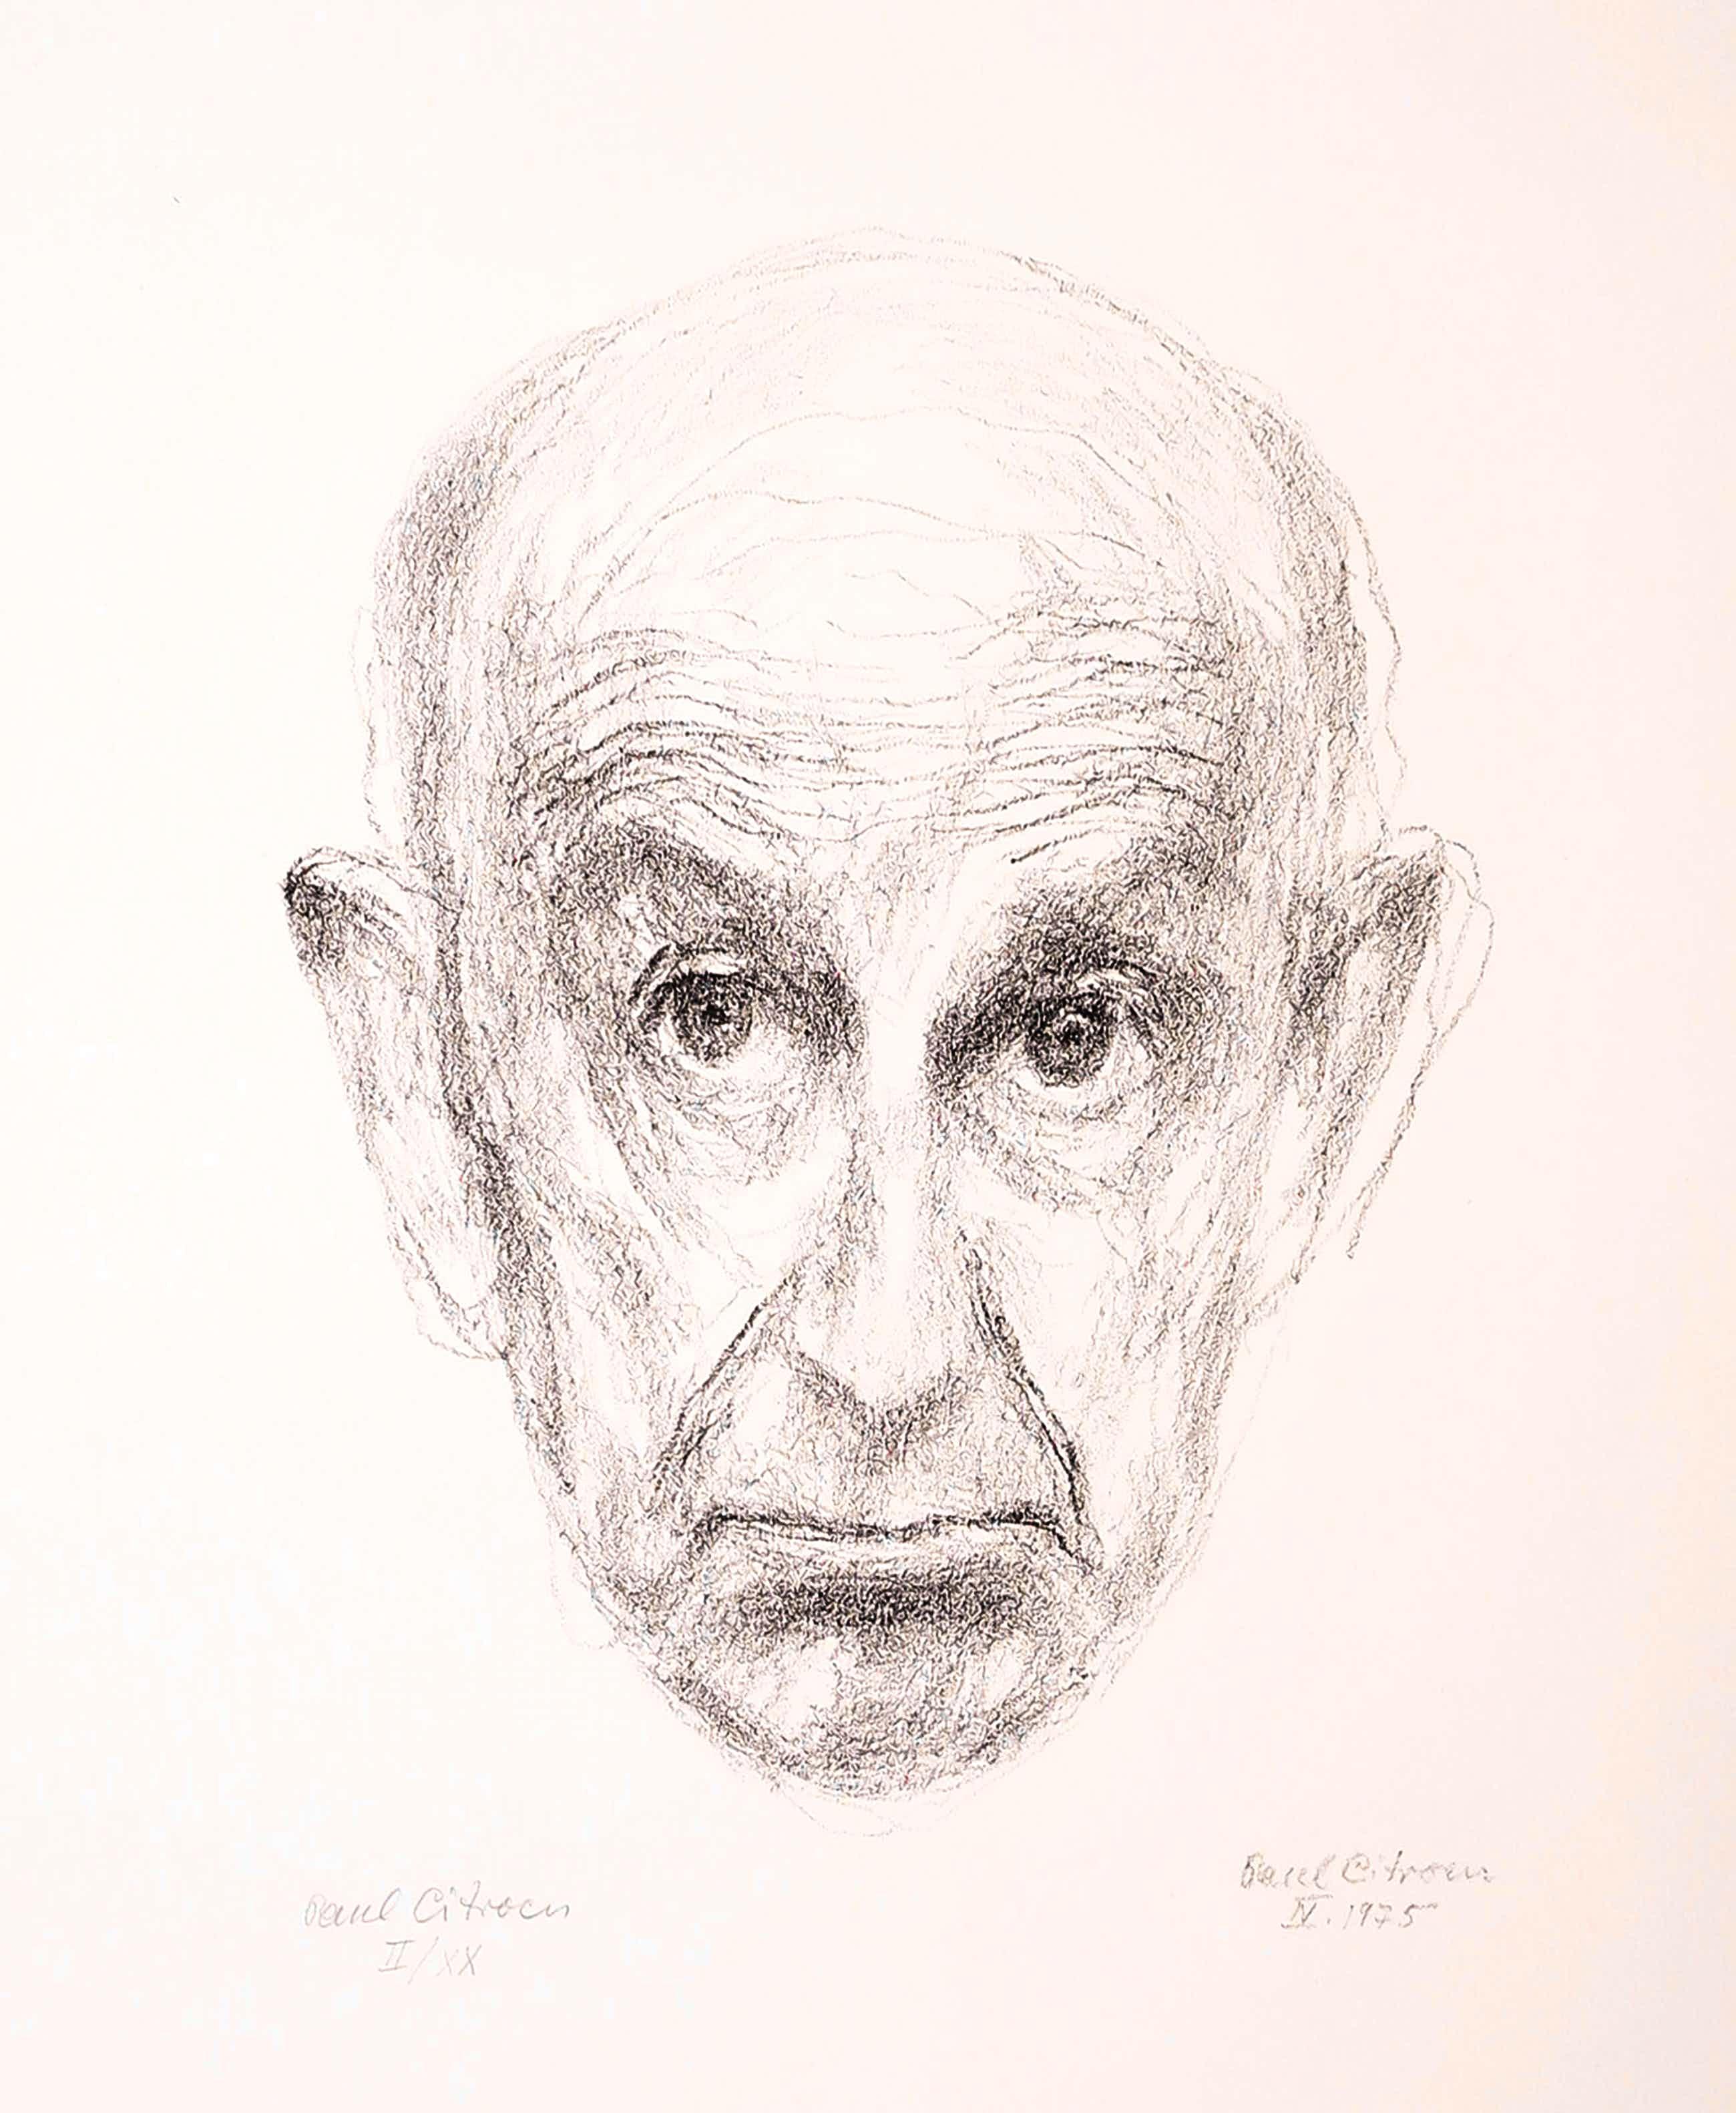 Paul Citroen - Litho, Zelfportret kopen? Bied vanaf 50!